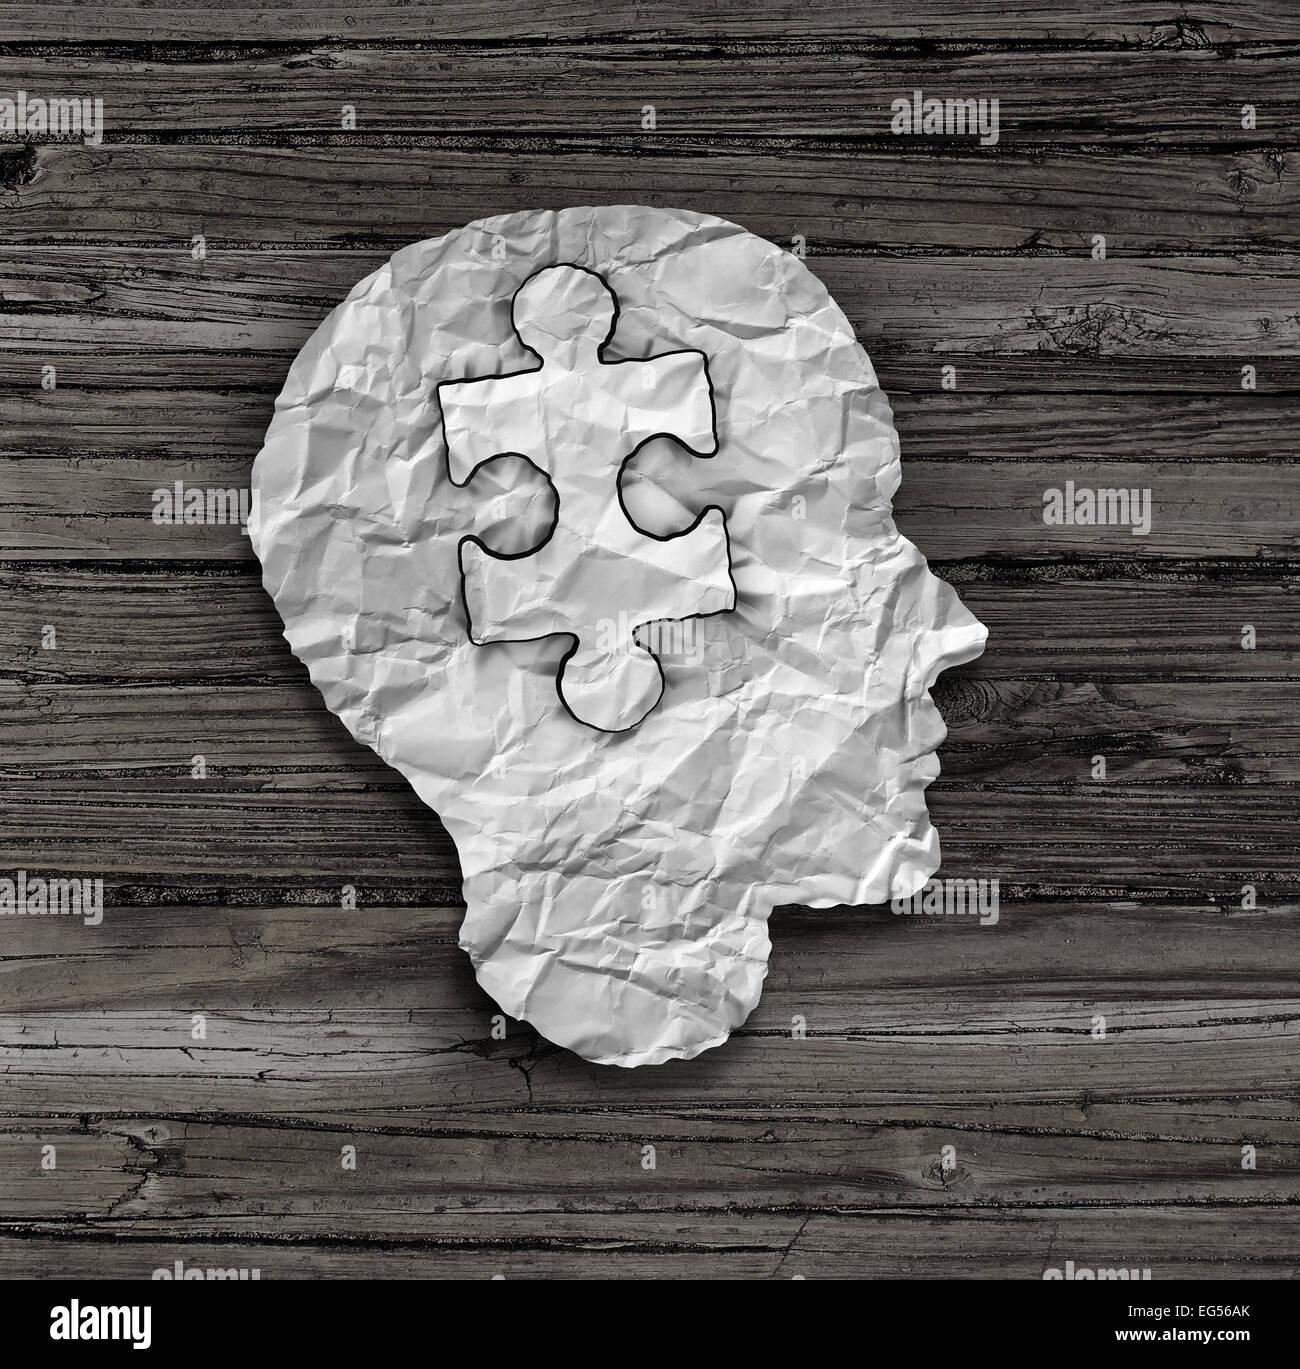 Cabeza de puzzle el concepto de la solución como un rostro humano de perfil arrugado hechas de papel blanco Imagen De Stock